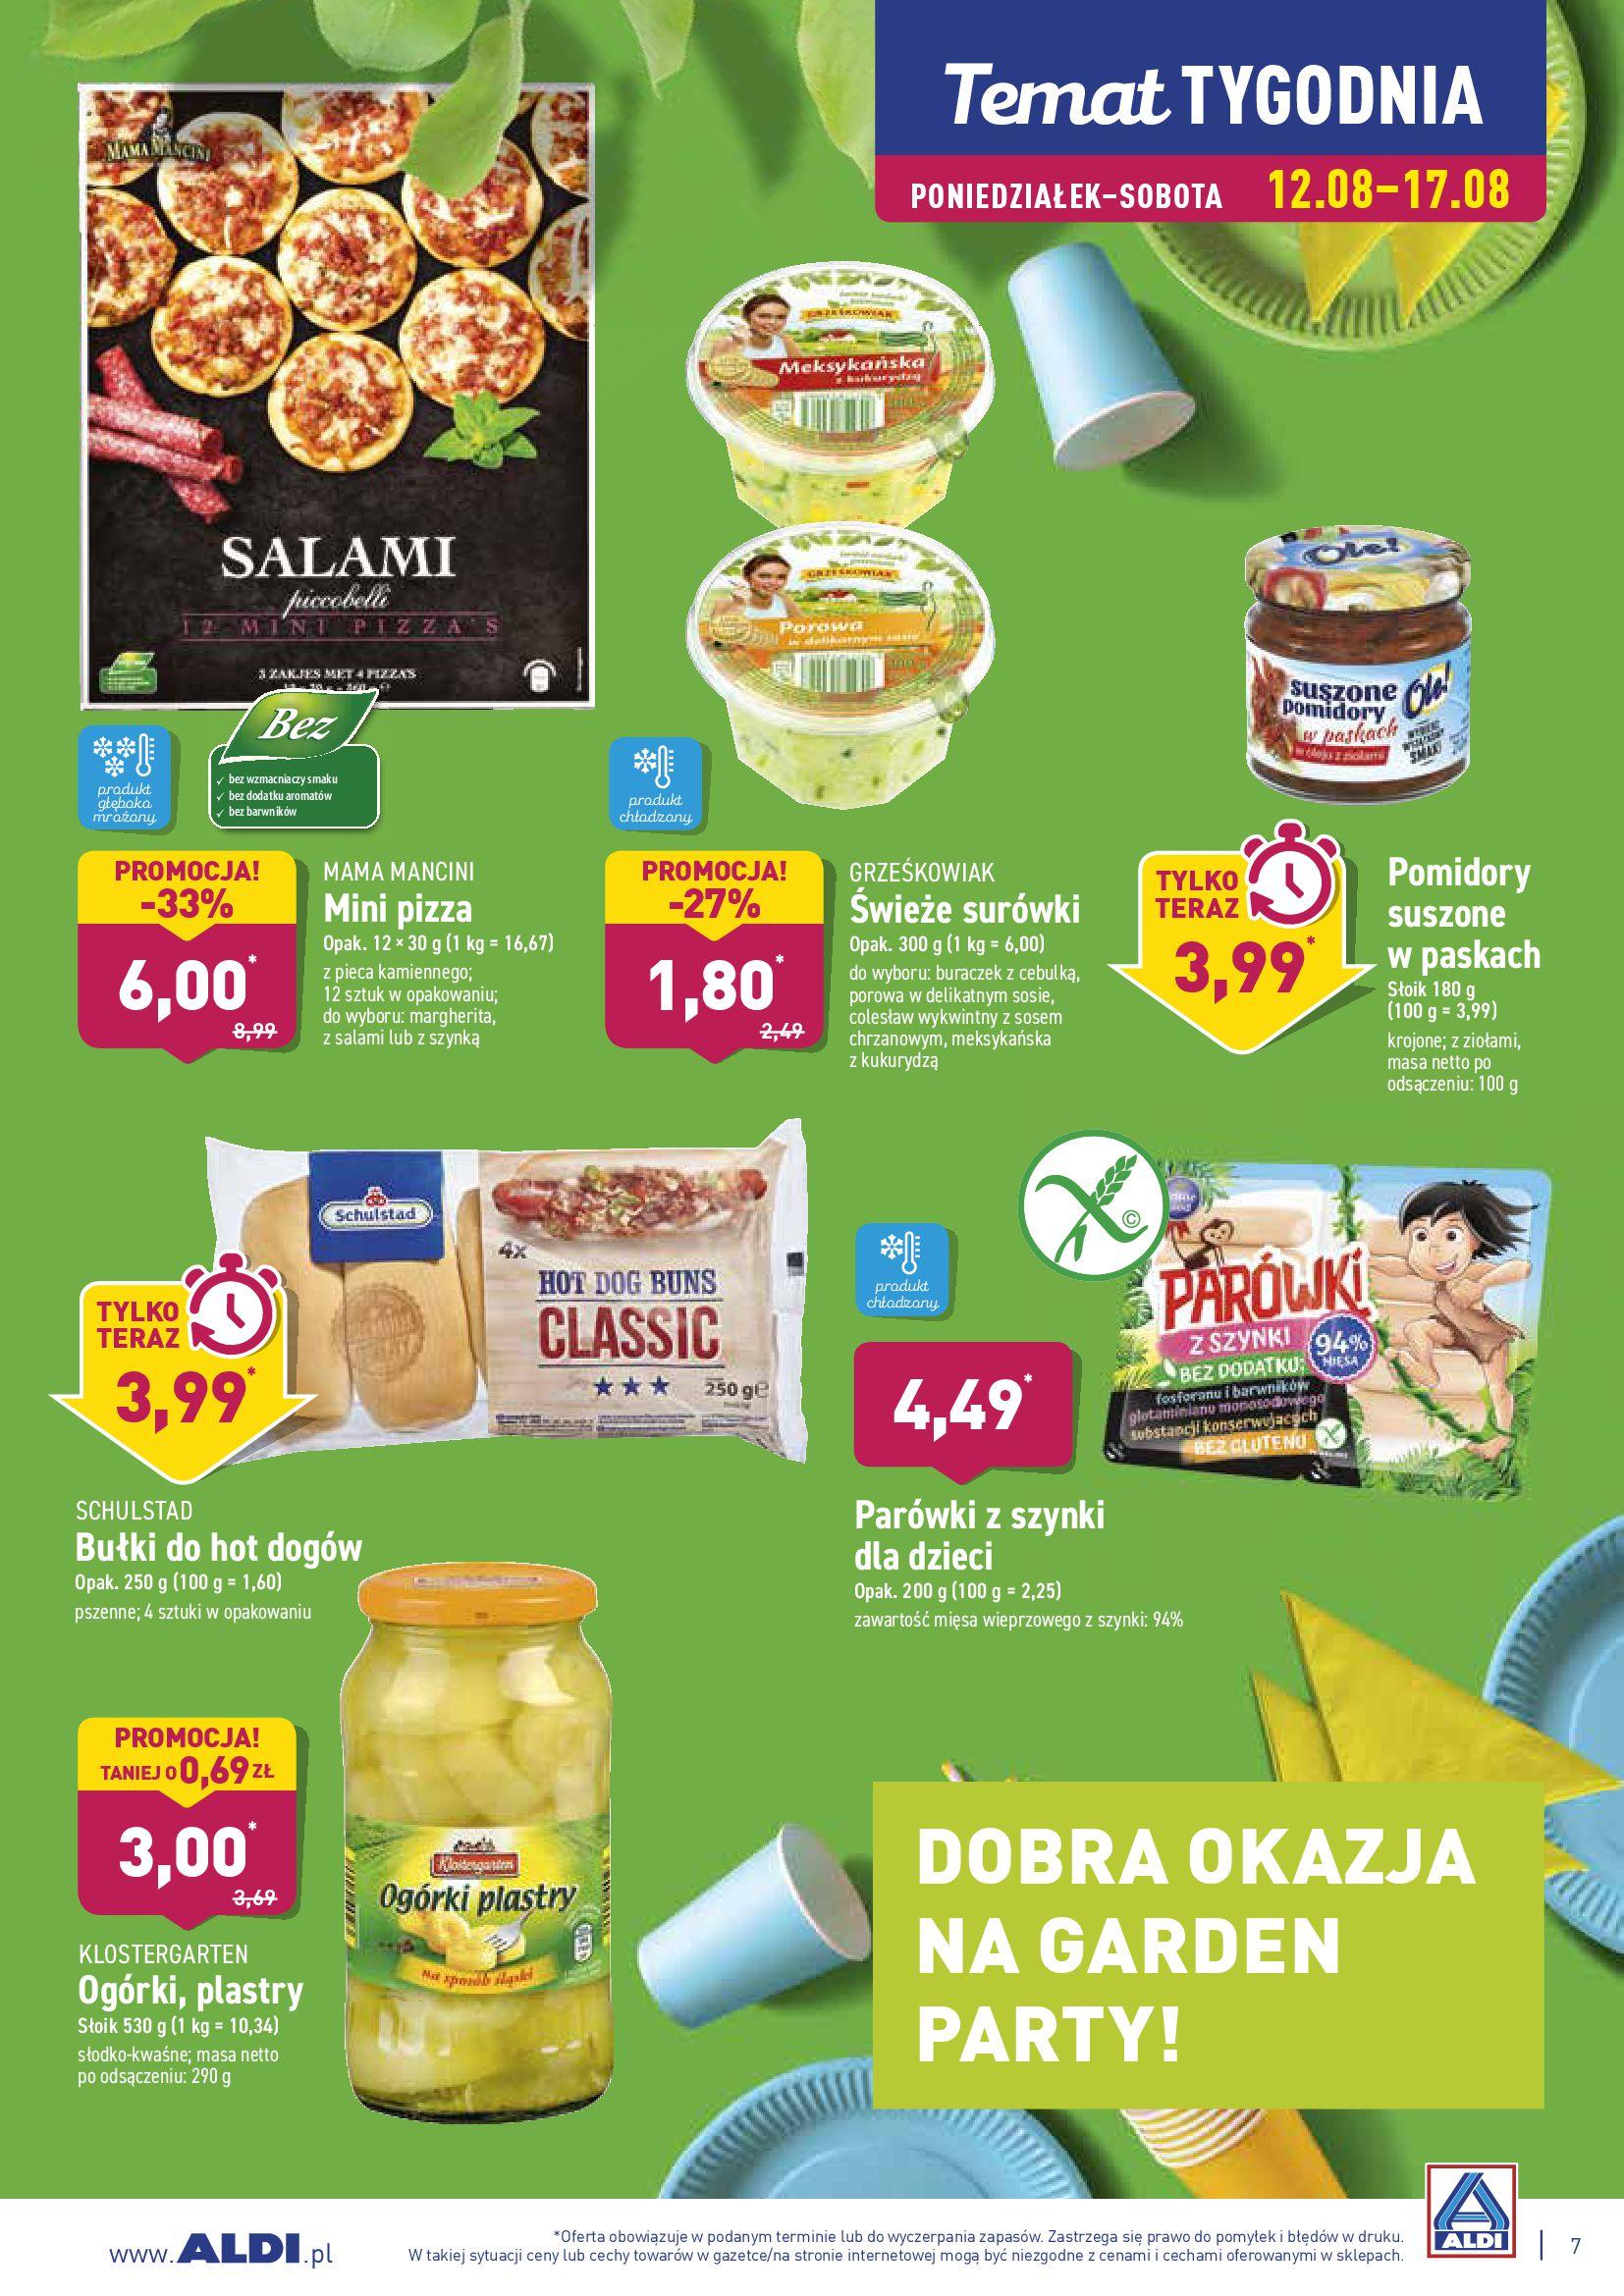 Gazetka Aldi - DOBRA OKAZJA NA GARDEN PARTY!-11.08.2019-18.08.2019-page-7